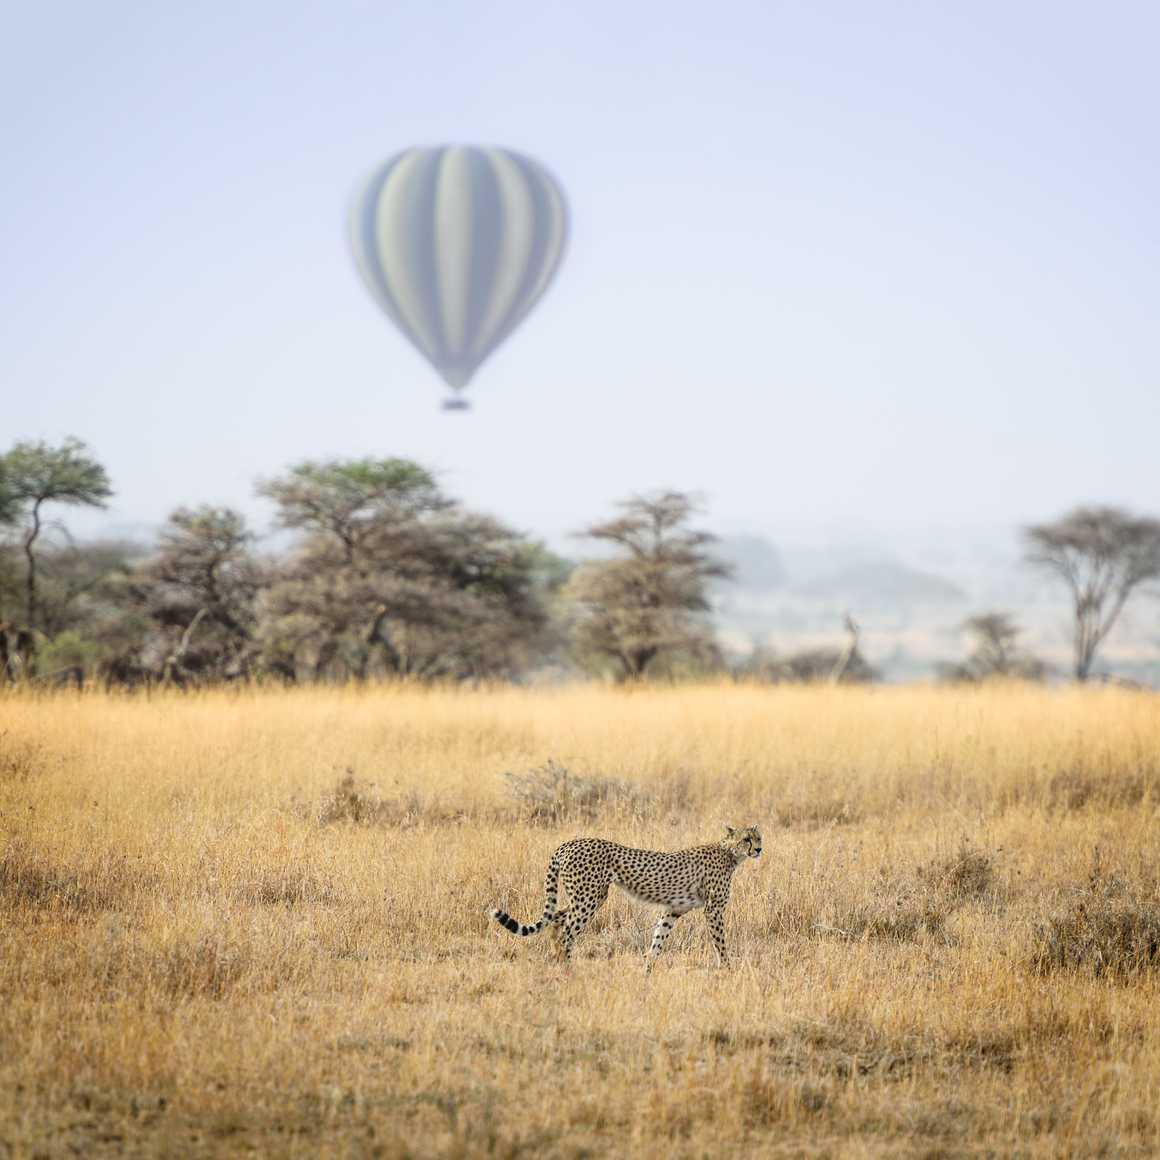 Cheetah and air baloon in Serengeti National Park